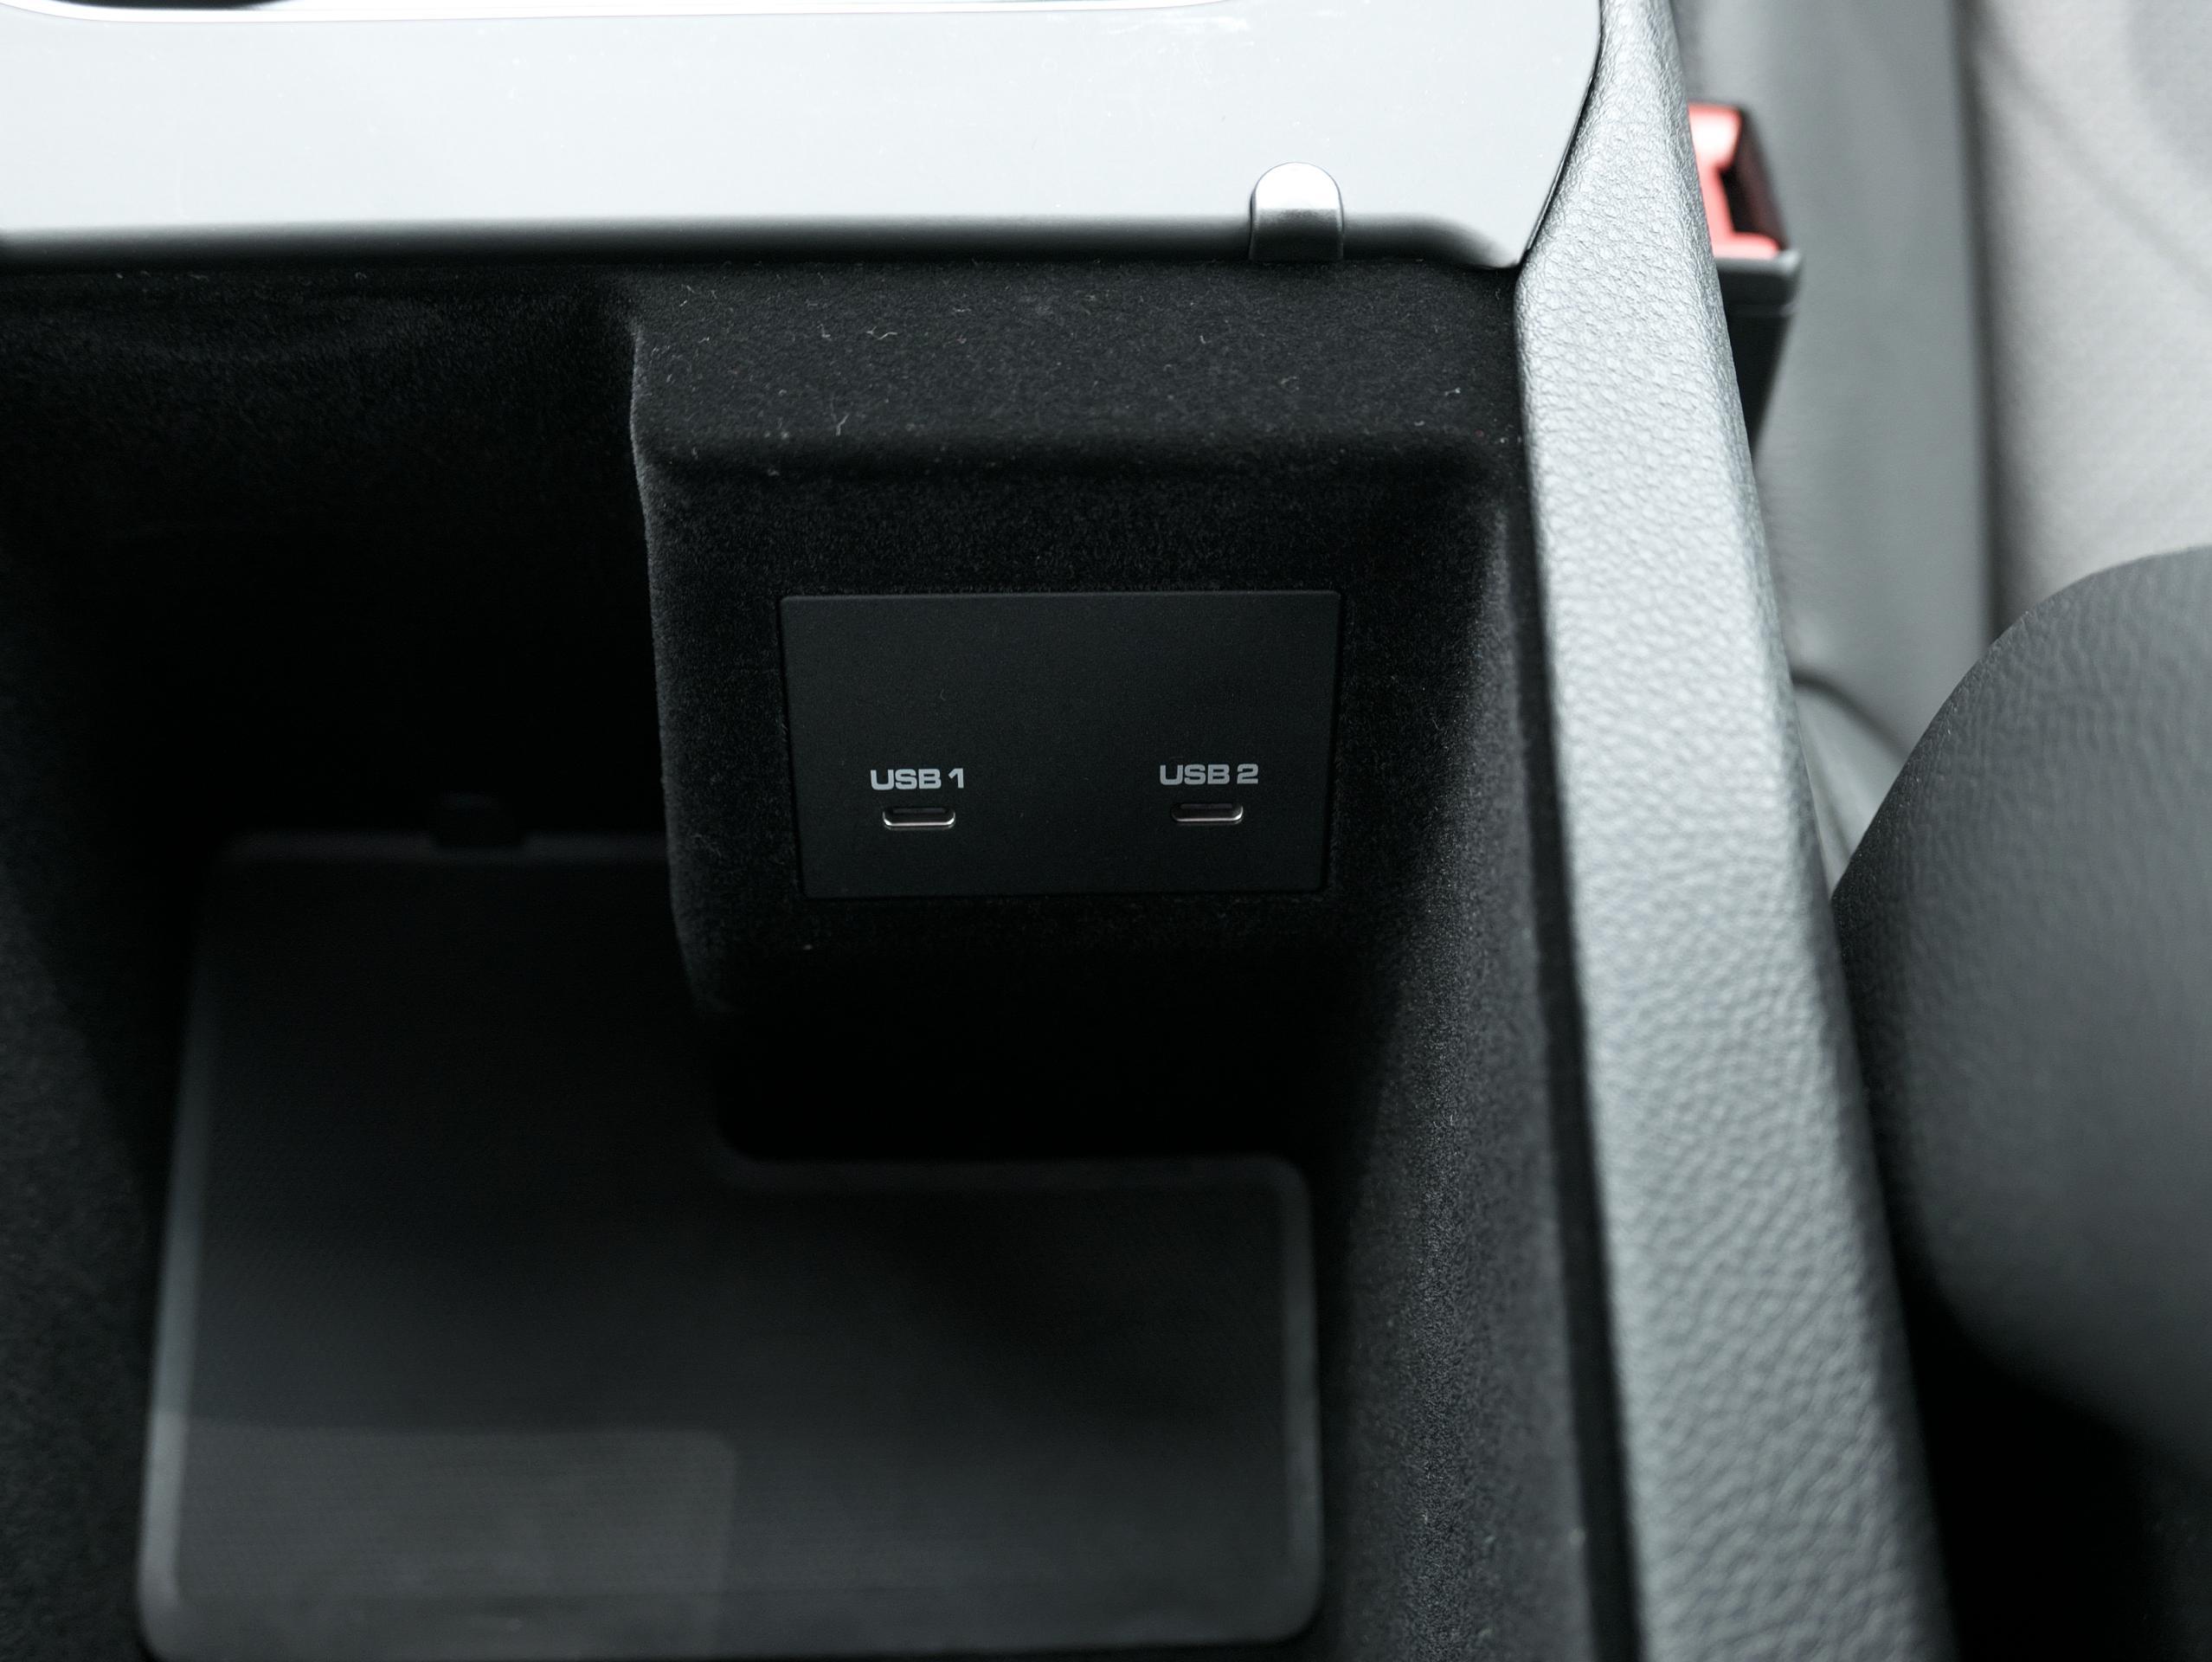 ポルシェ カイエン キャララホワイト センターコンソール USB-Cポート